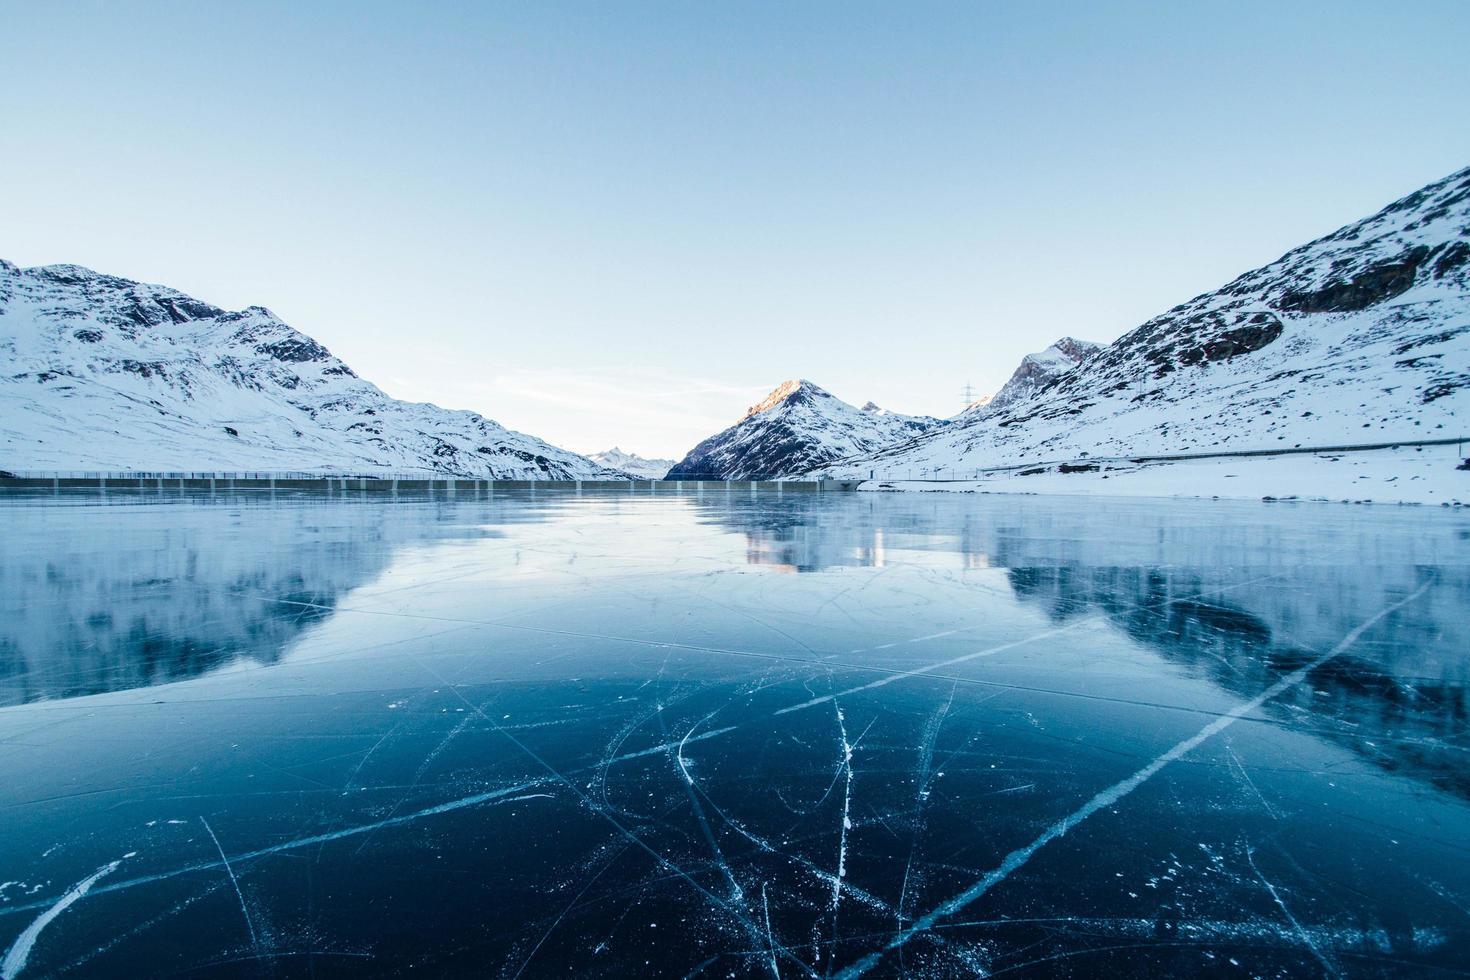 rio congelado com montanhas cobertas de neve foto